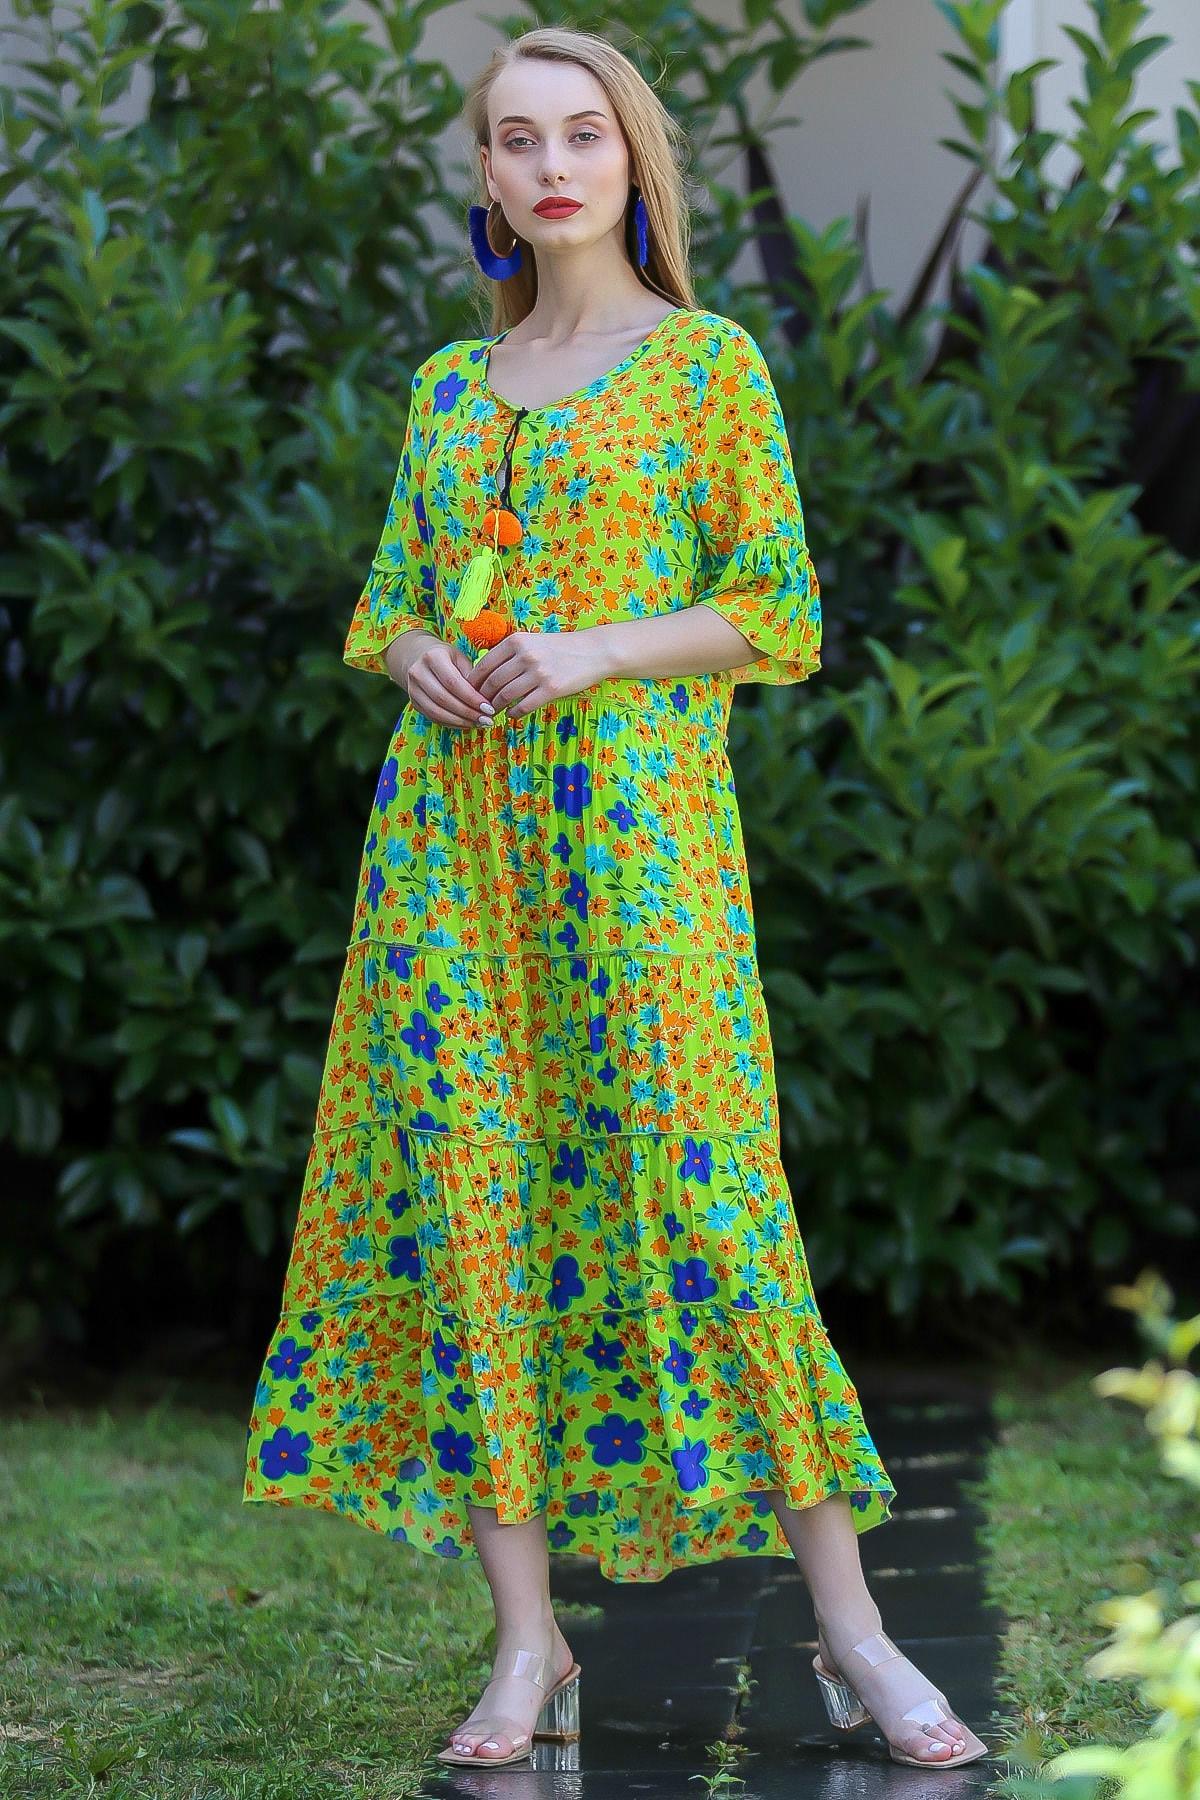 Chiccy Kadın Yeşil Bohem Çıtır Çiçek Desenli El Işi Püskül Detaylı Salaş Elbise M10160000El96565 2